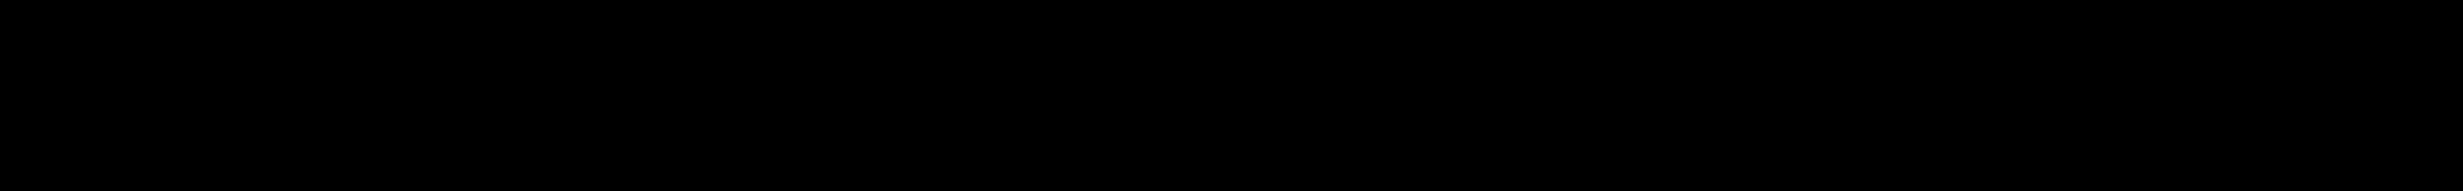 Gasoline Serif BTN Regular